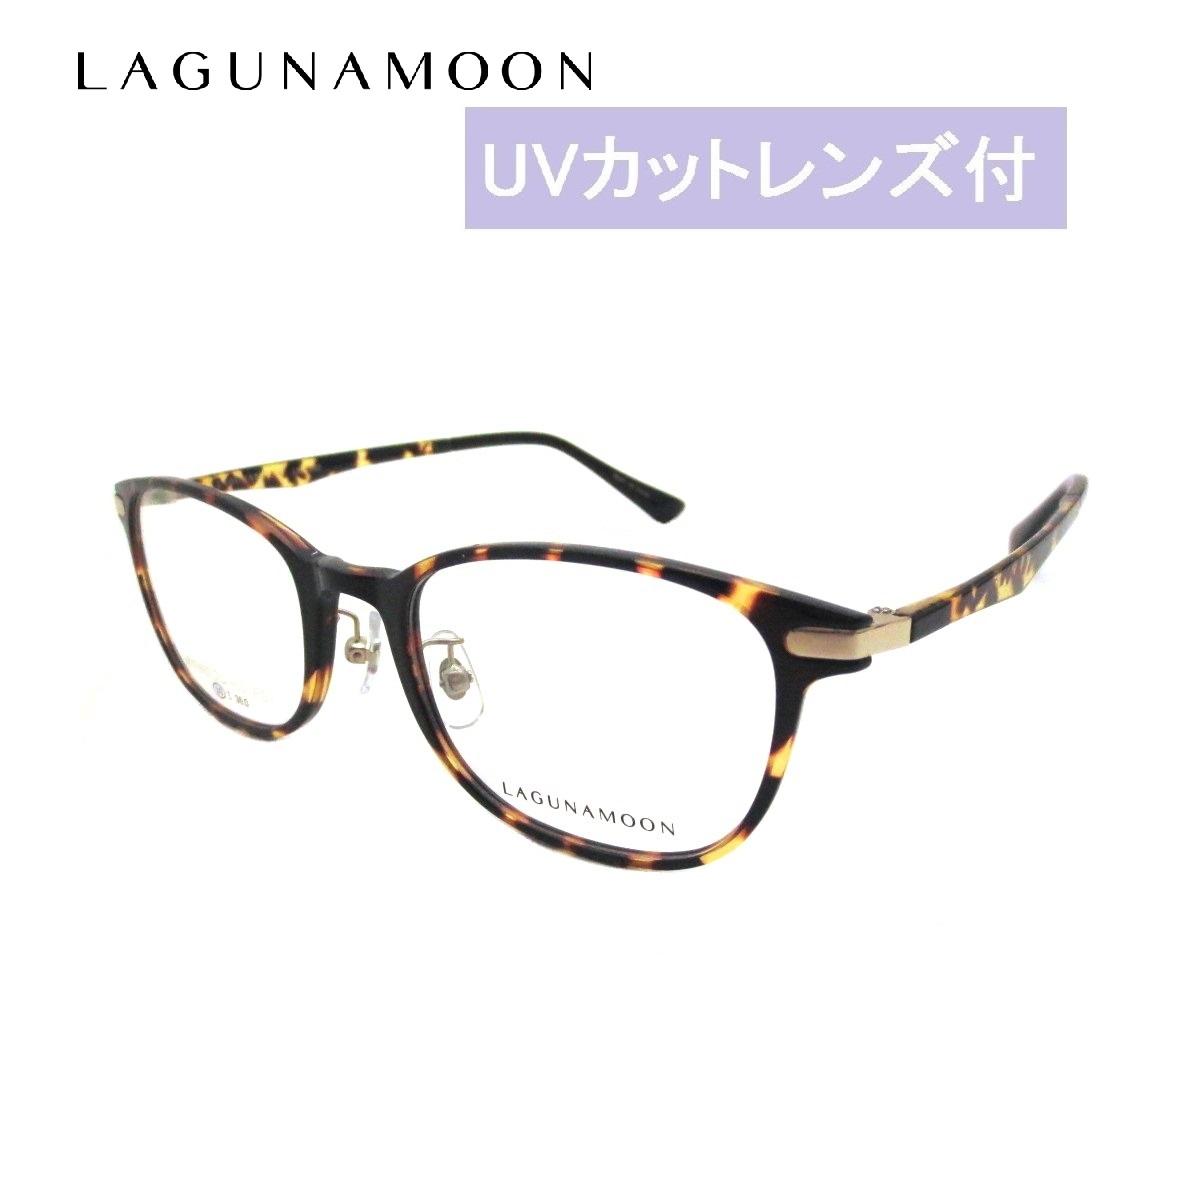 LAGUNAMOON(ラグラムーン)LM5032 2(50)だてめがね 度付きメガネ 追加料金なしでOK クリアレンズ 近視 乱視 老眼鏡 ブルーライト【送料無料 UVカット伊達メガネ(UV400)】【コンビニ受取対応商品】